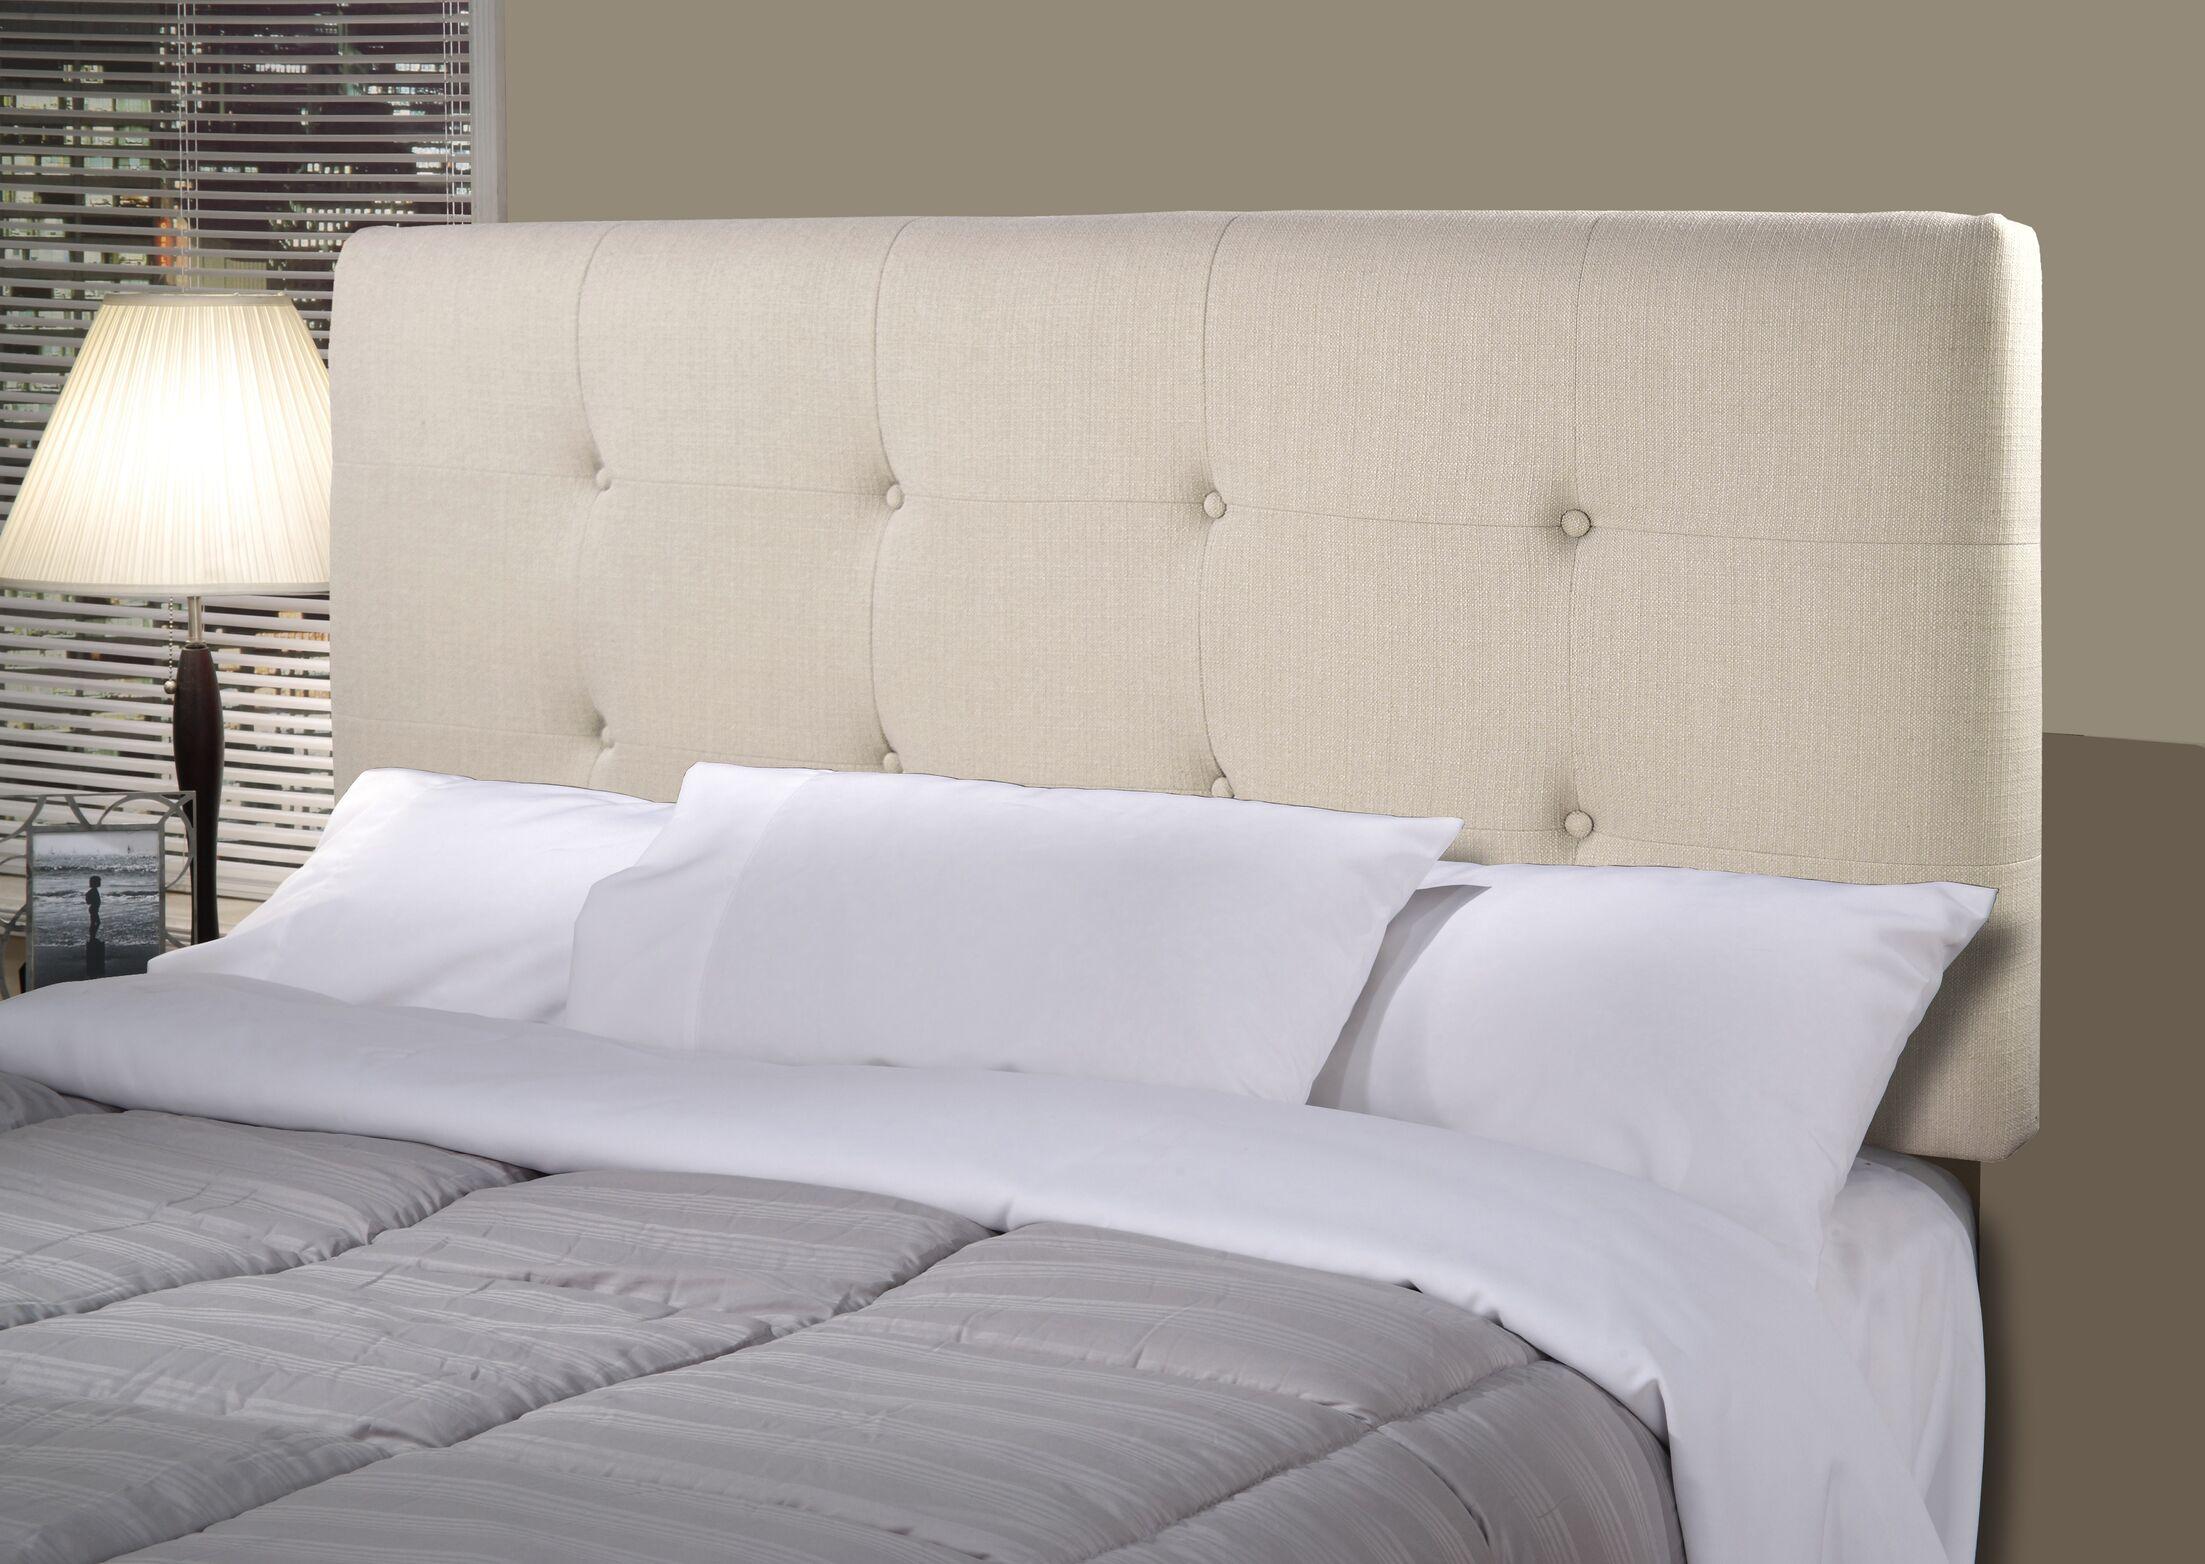 Tilden Upholstered Panel Headboard Upholstery: Khaki, Size: King